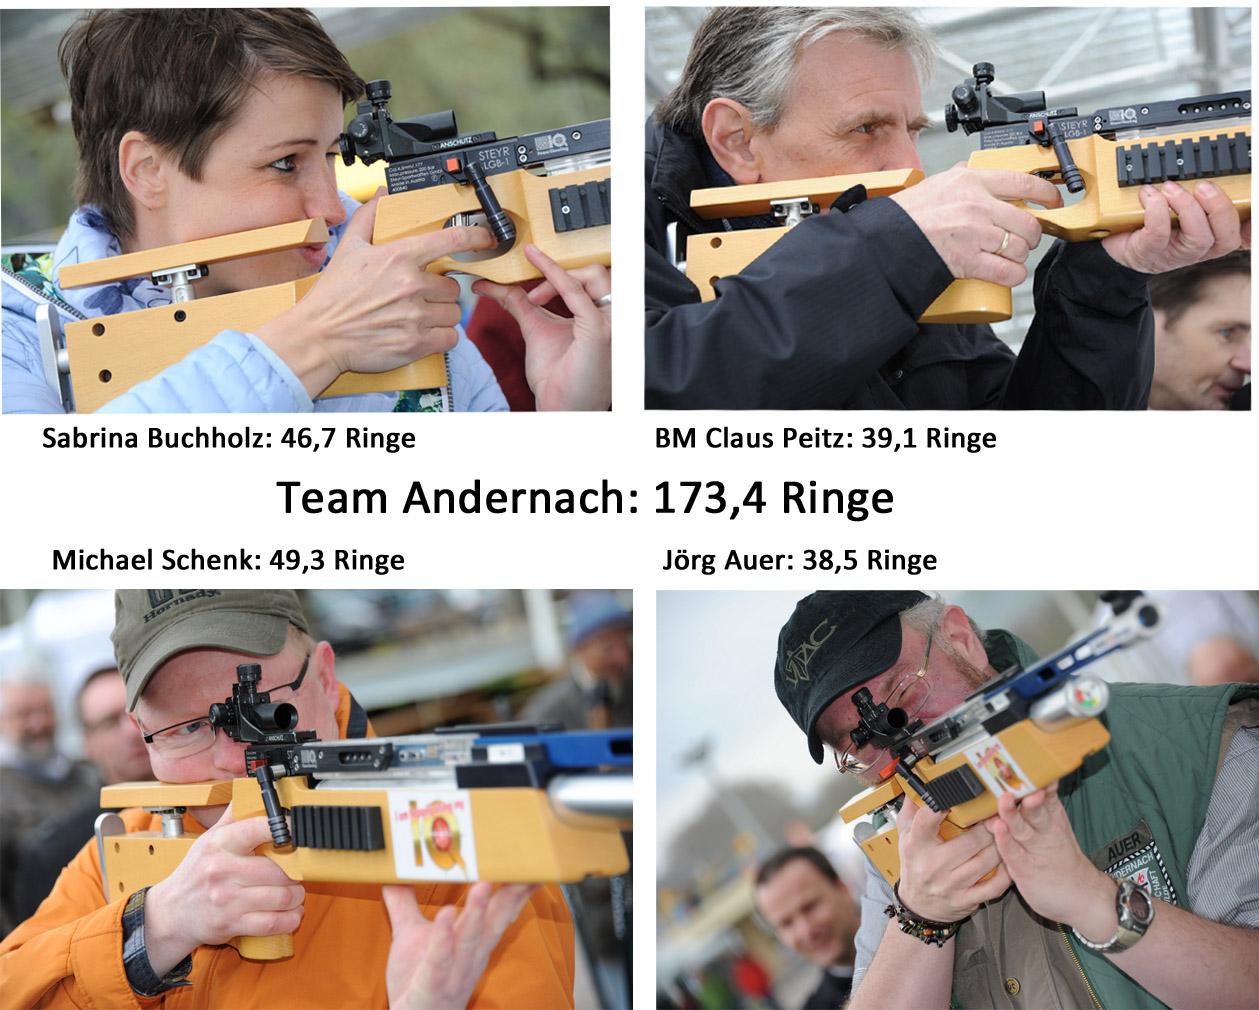 Zielsicheres_Andernach_Ergebnisse